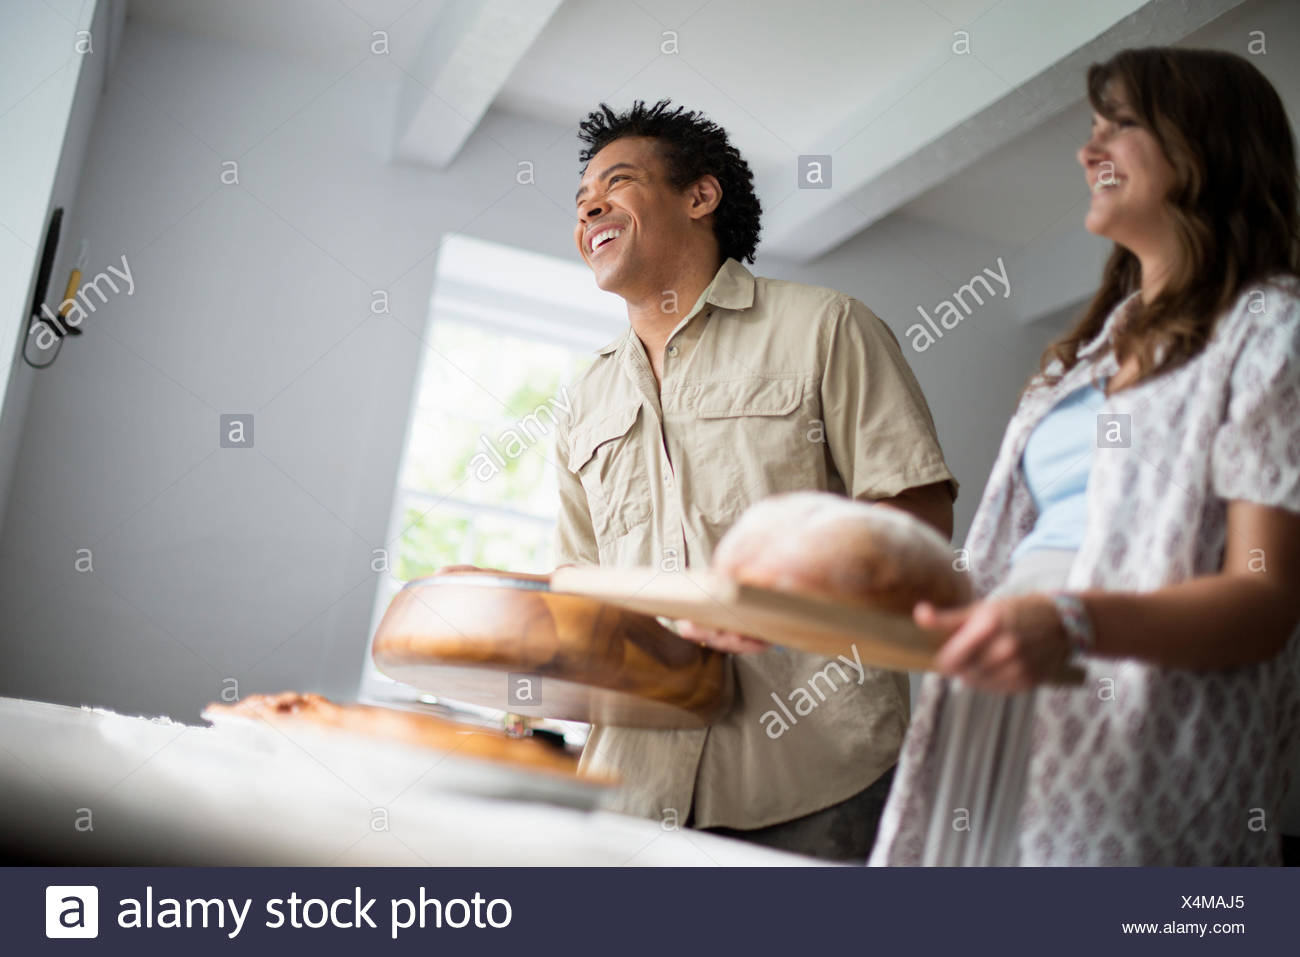 Ein Familientreffen für eine Mahlzeit. Lebensmittel in einer Tabelle durchgeführt werden. Stockbild